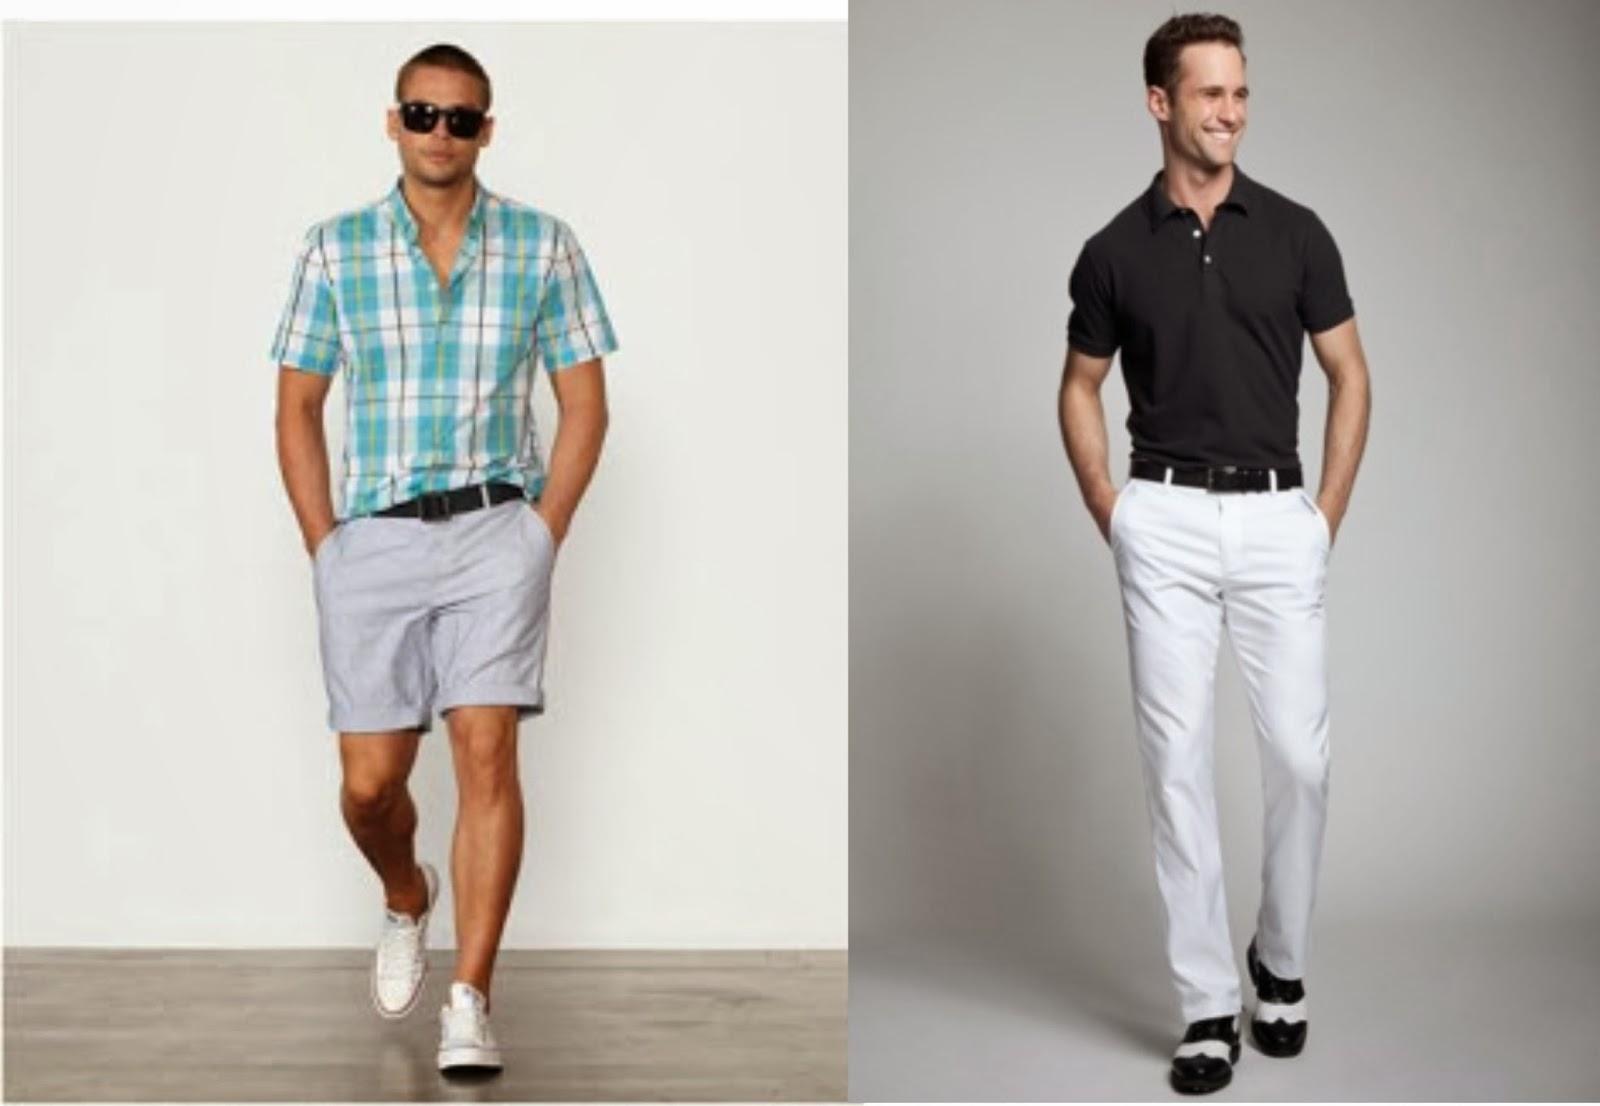 5b6efbf29 ... jeans camisa pólo por dentro da calça é uma boa ou uma bermuda jeans  com uma camisa social 3 4 ou manda curta